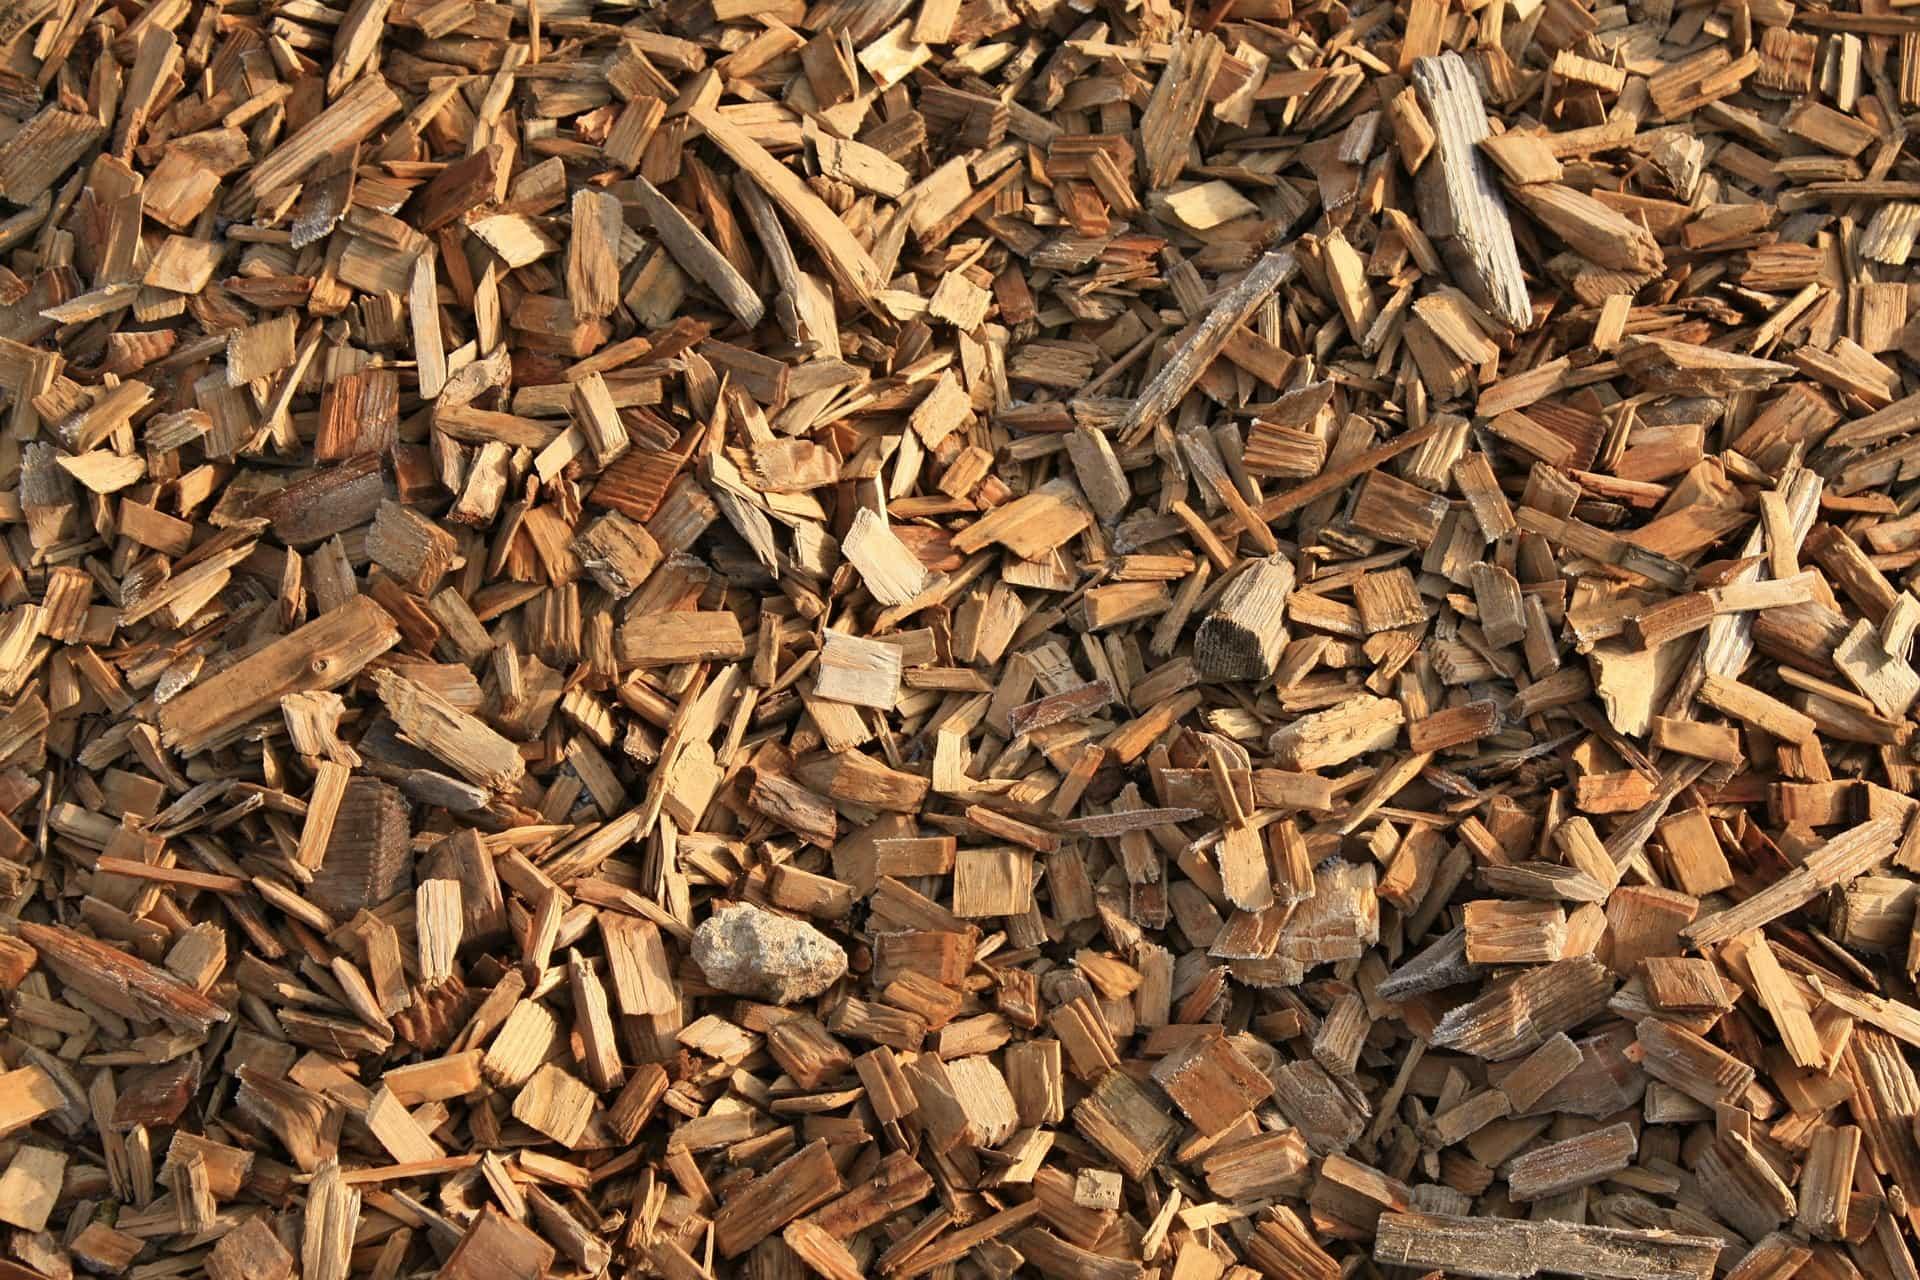 wood-567572_1920